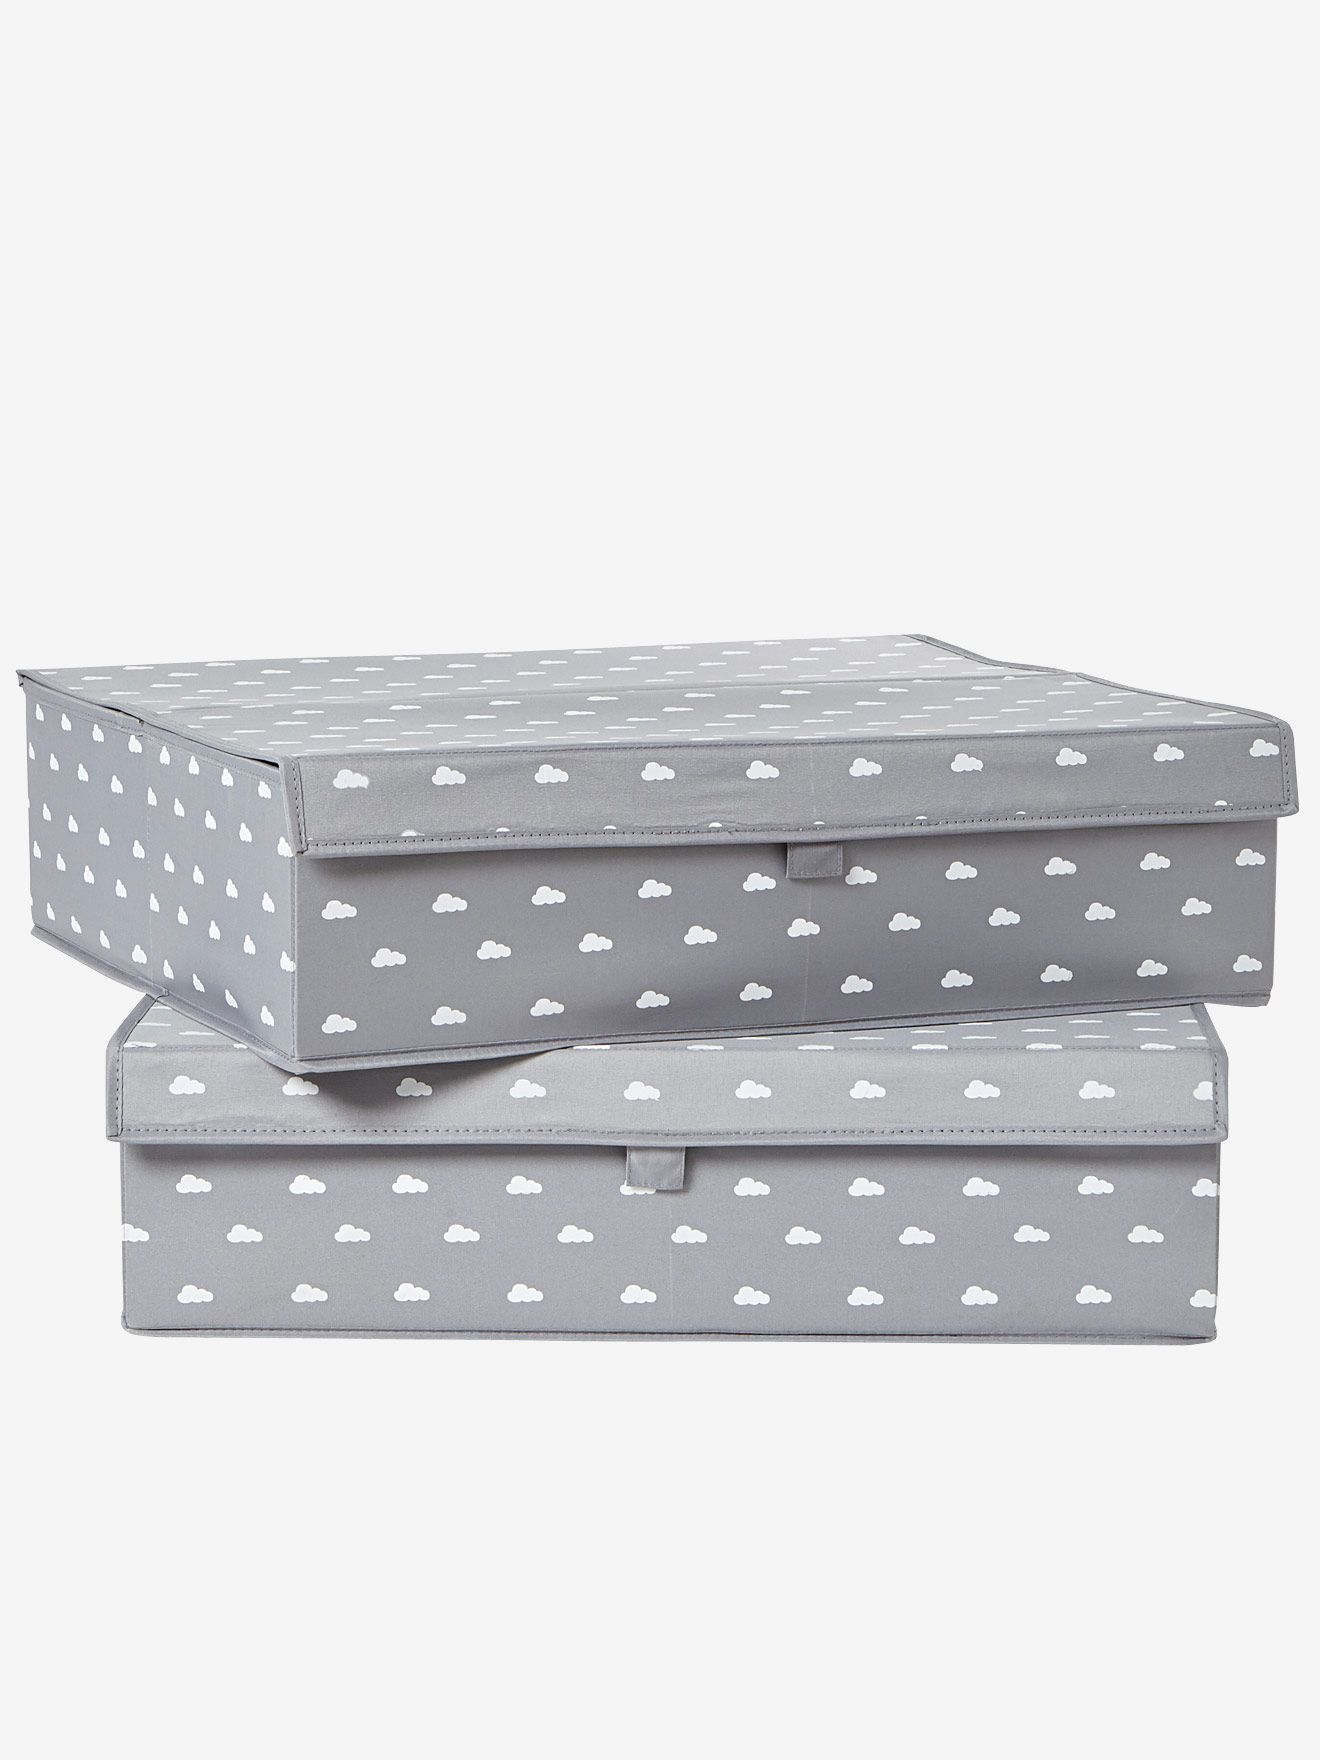 Flache Aufbewahrungsbox Mit Deckel Von Vertbaudet In Grau Nur